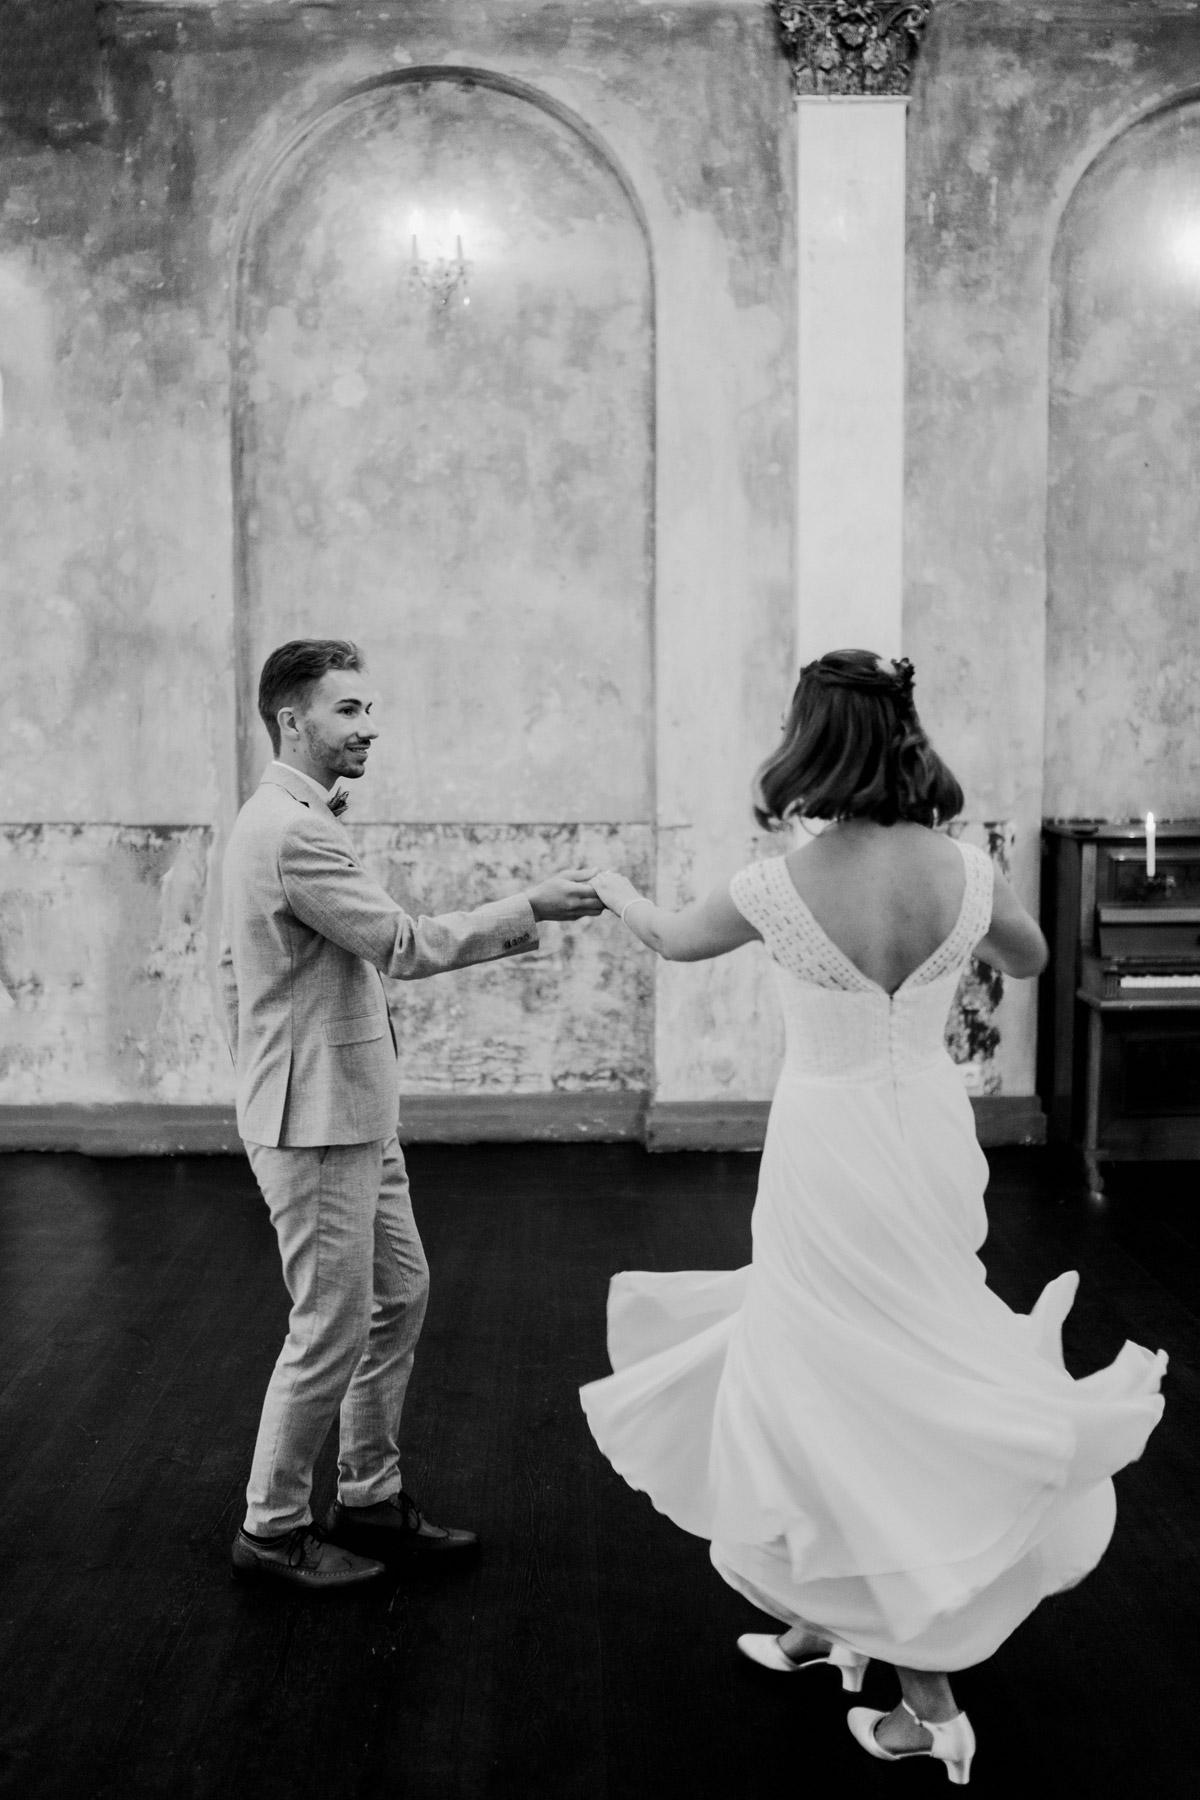 Fotoshooting Idee nach Standesamt: Brautpaar tanzt für sich allein nach standesamtlicher Hochzeit zu zweit im Ballsaal-Studio in Berlin. Mehr Bilder zu diesem Schwarz-Weiß Hochzeitsfoto im Blog vom Hochzeitsfotograf © www.hochzeitslicht.de #hochzeitslicht